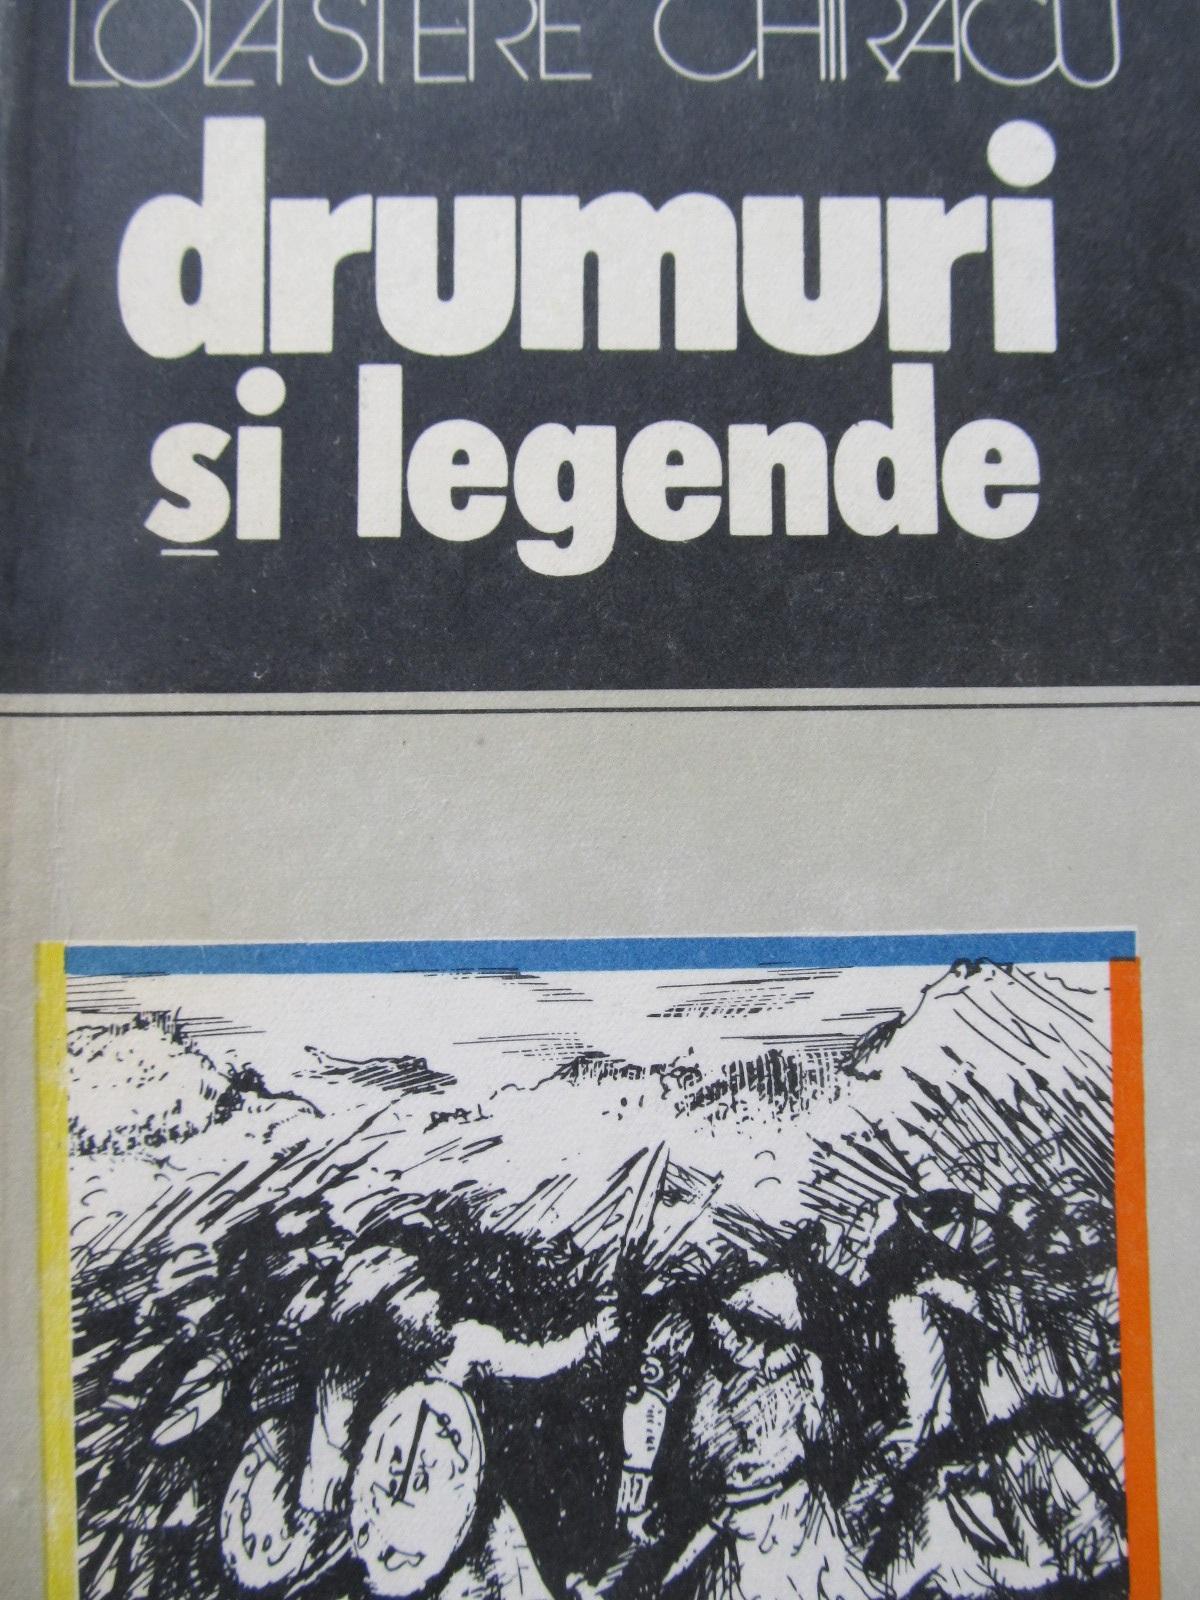 Drumuri si legende - Lola Stere Chiracu | Detalii carte